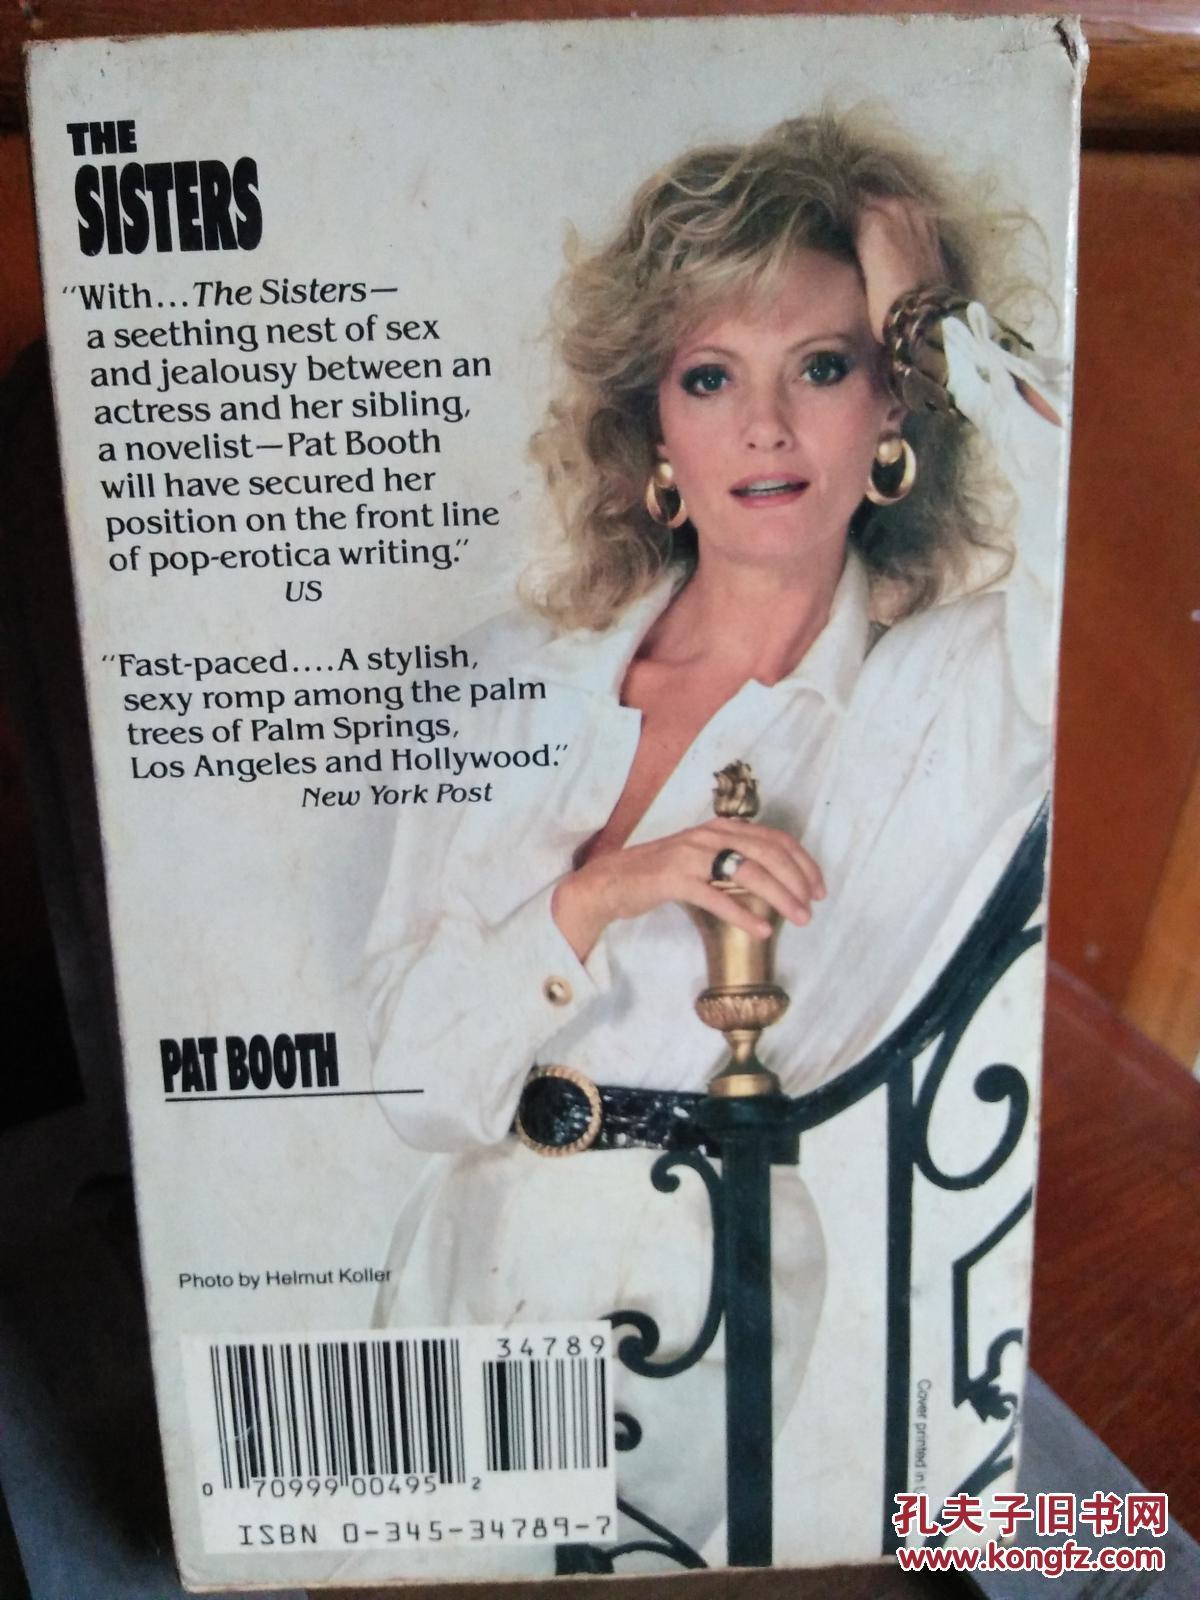 【图】Thesisters英文原版口袋书(老婆认错,充向国际畅销表情包图片